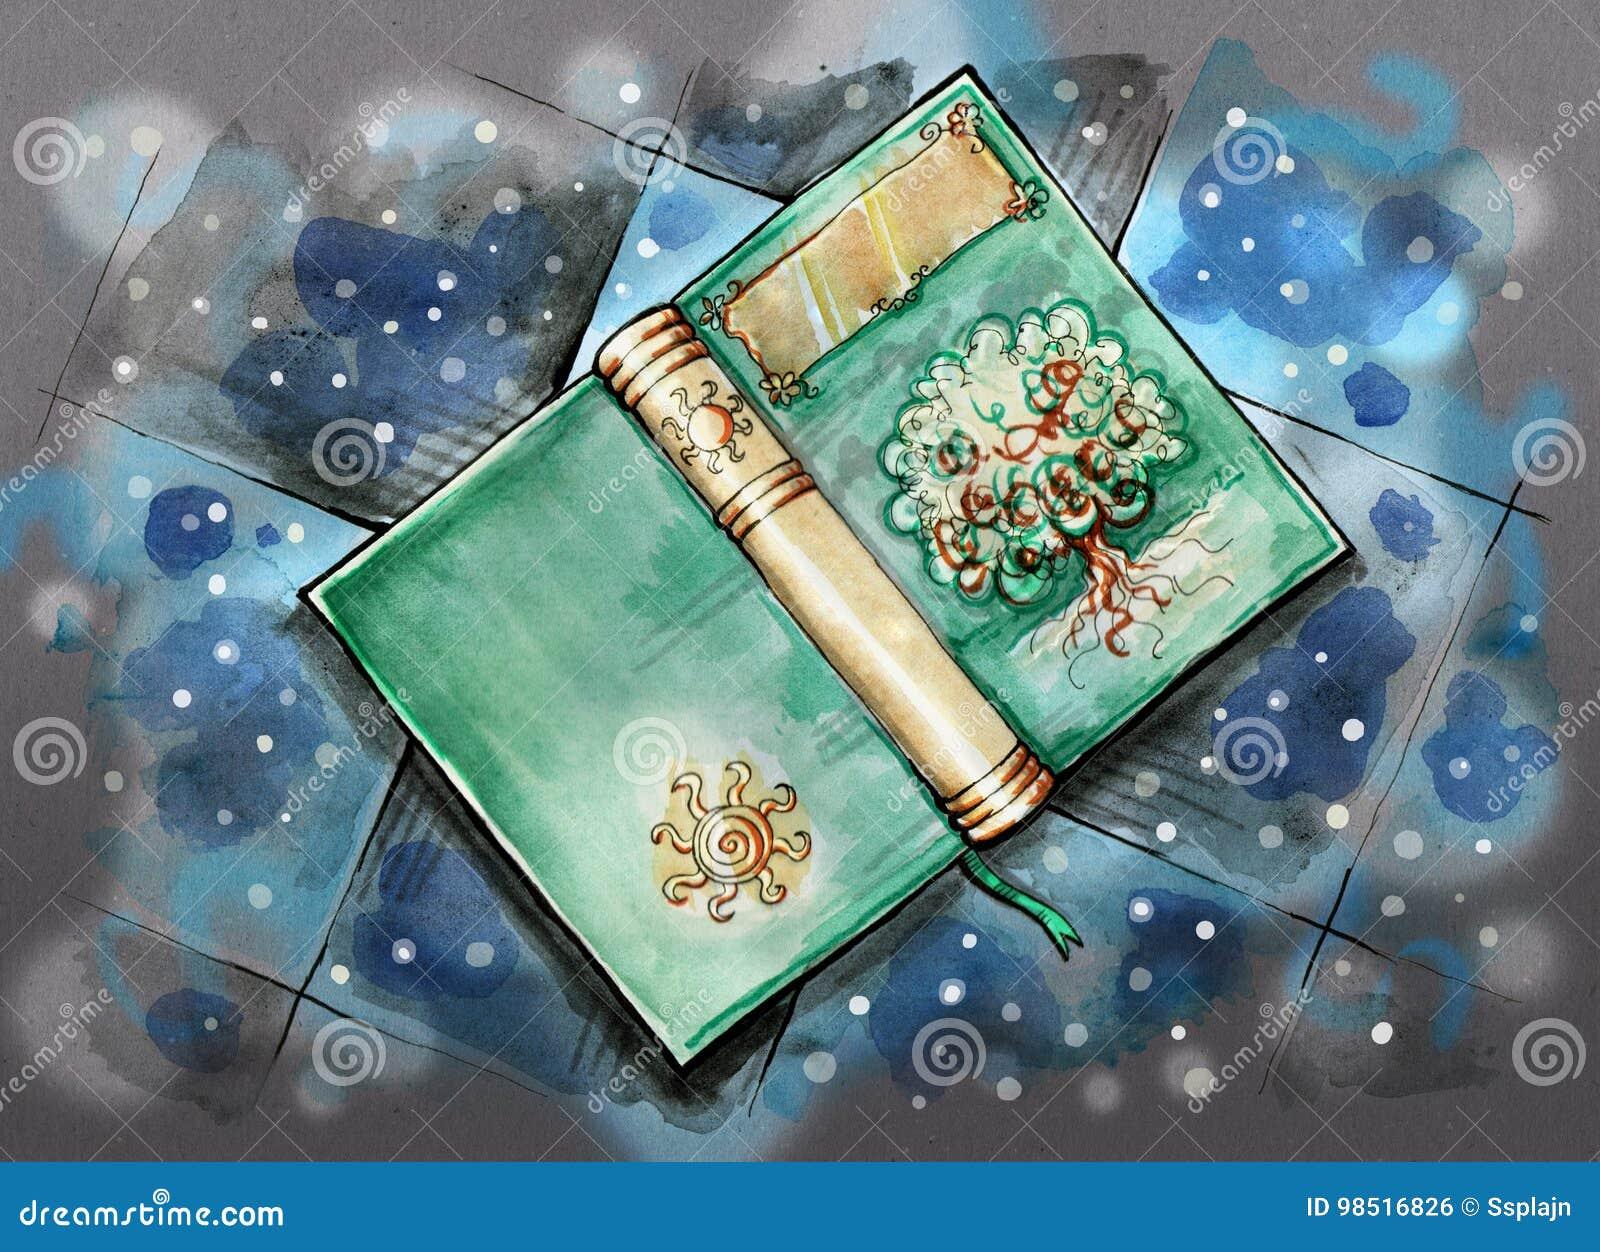 Livro mágico no assoalho